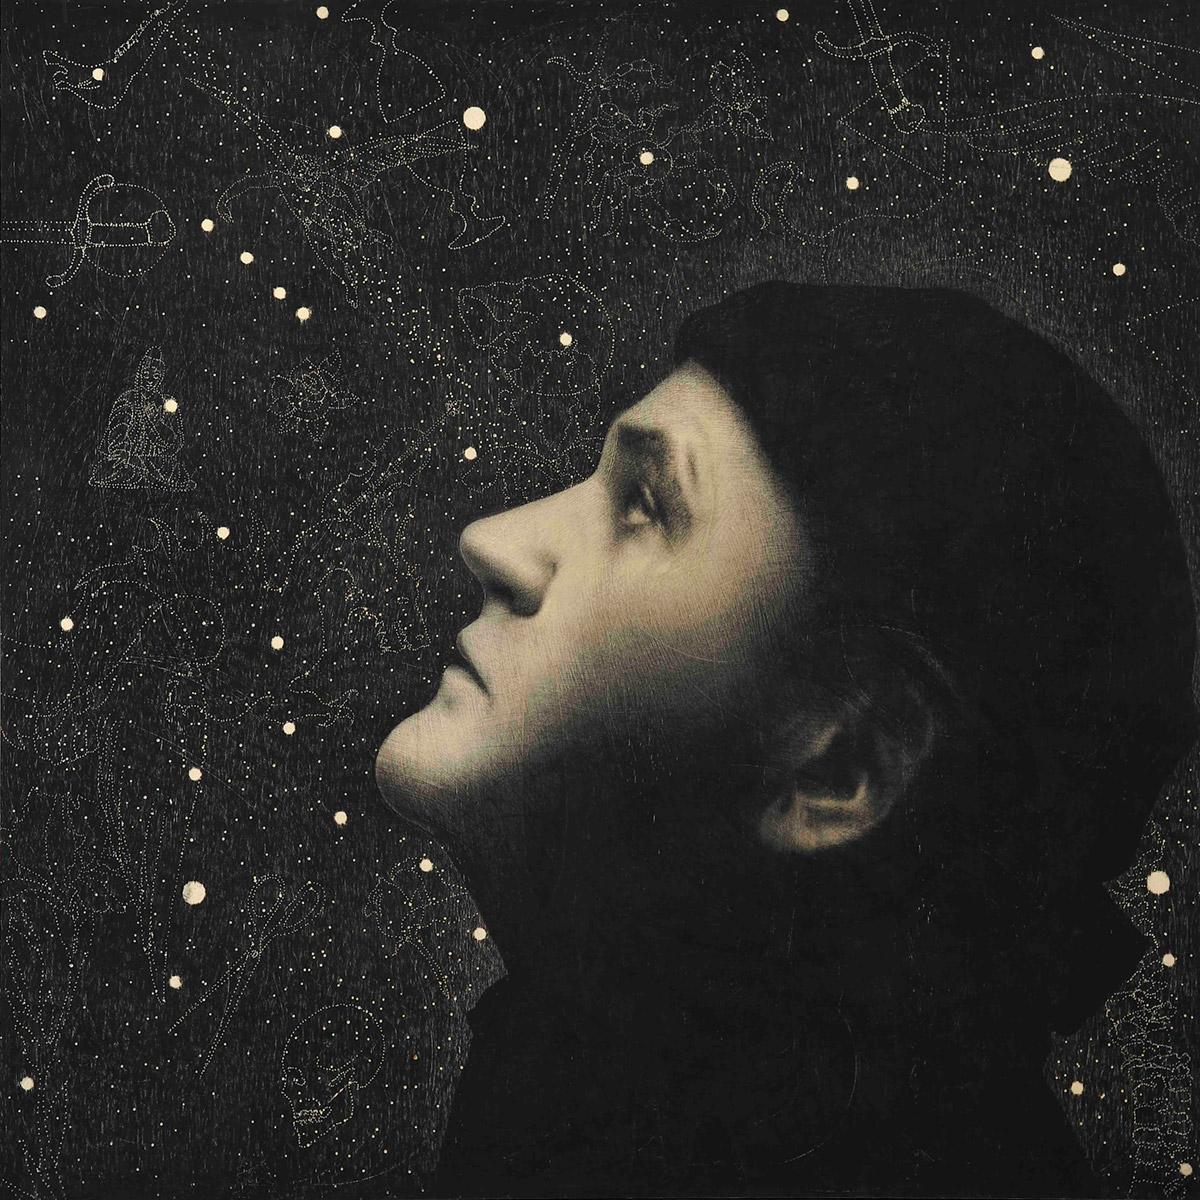 Omar Galliani, Autoritratto. Matita su tavola, 150x150 cm, 2018. Galleria degli Uffizi, Firenze